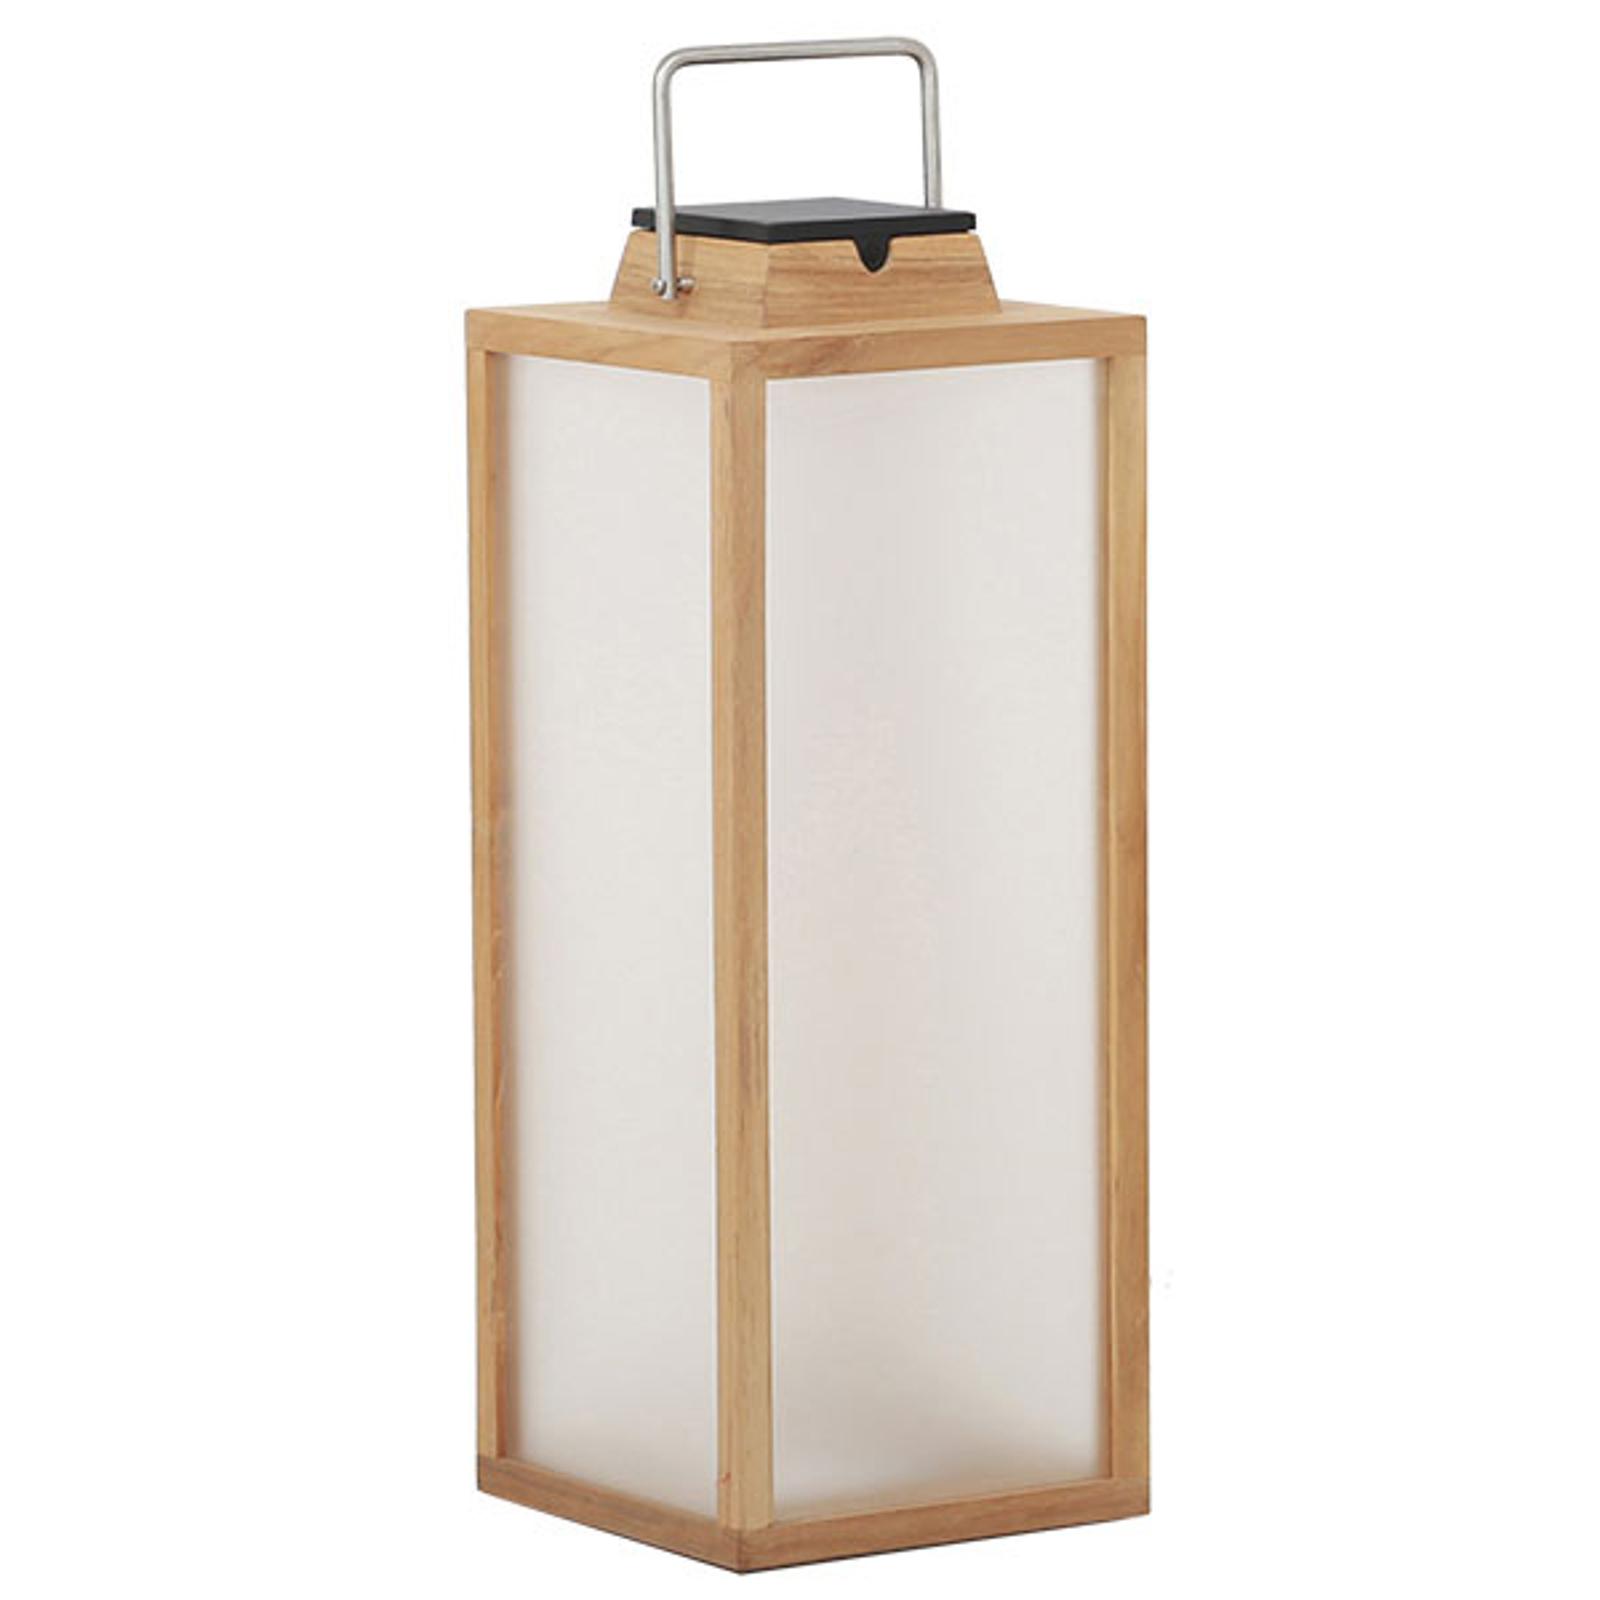 LED solární lucerna Tradition z teaku, výška 65 cm